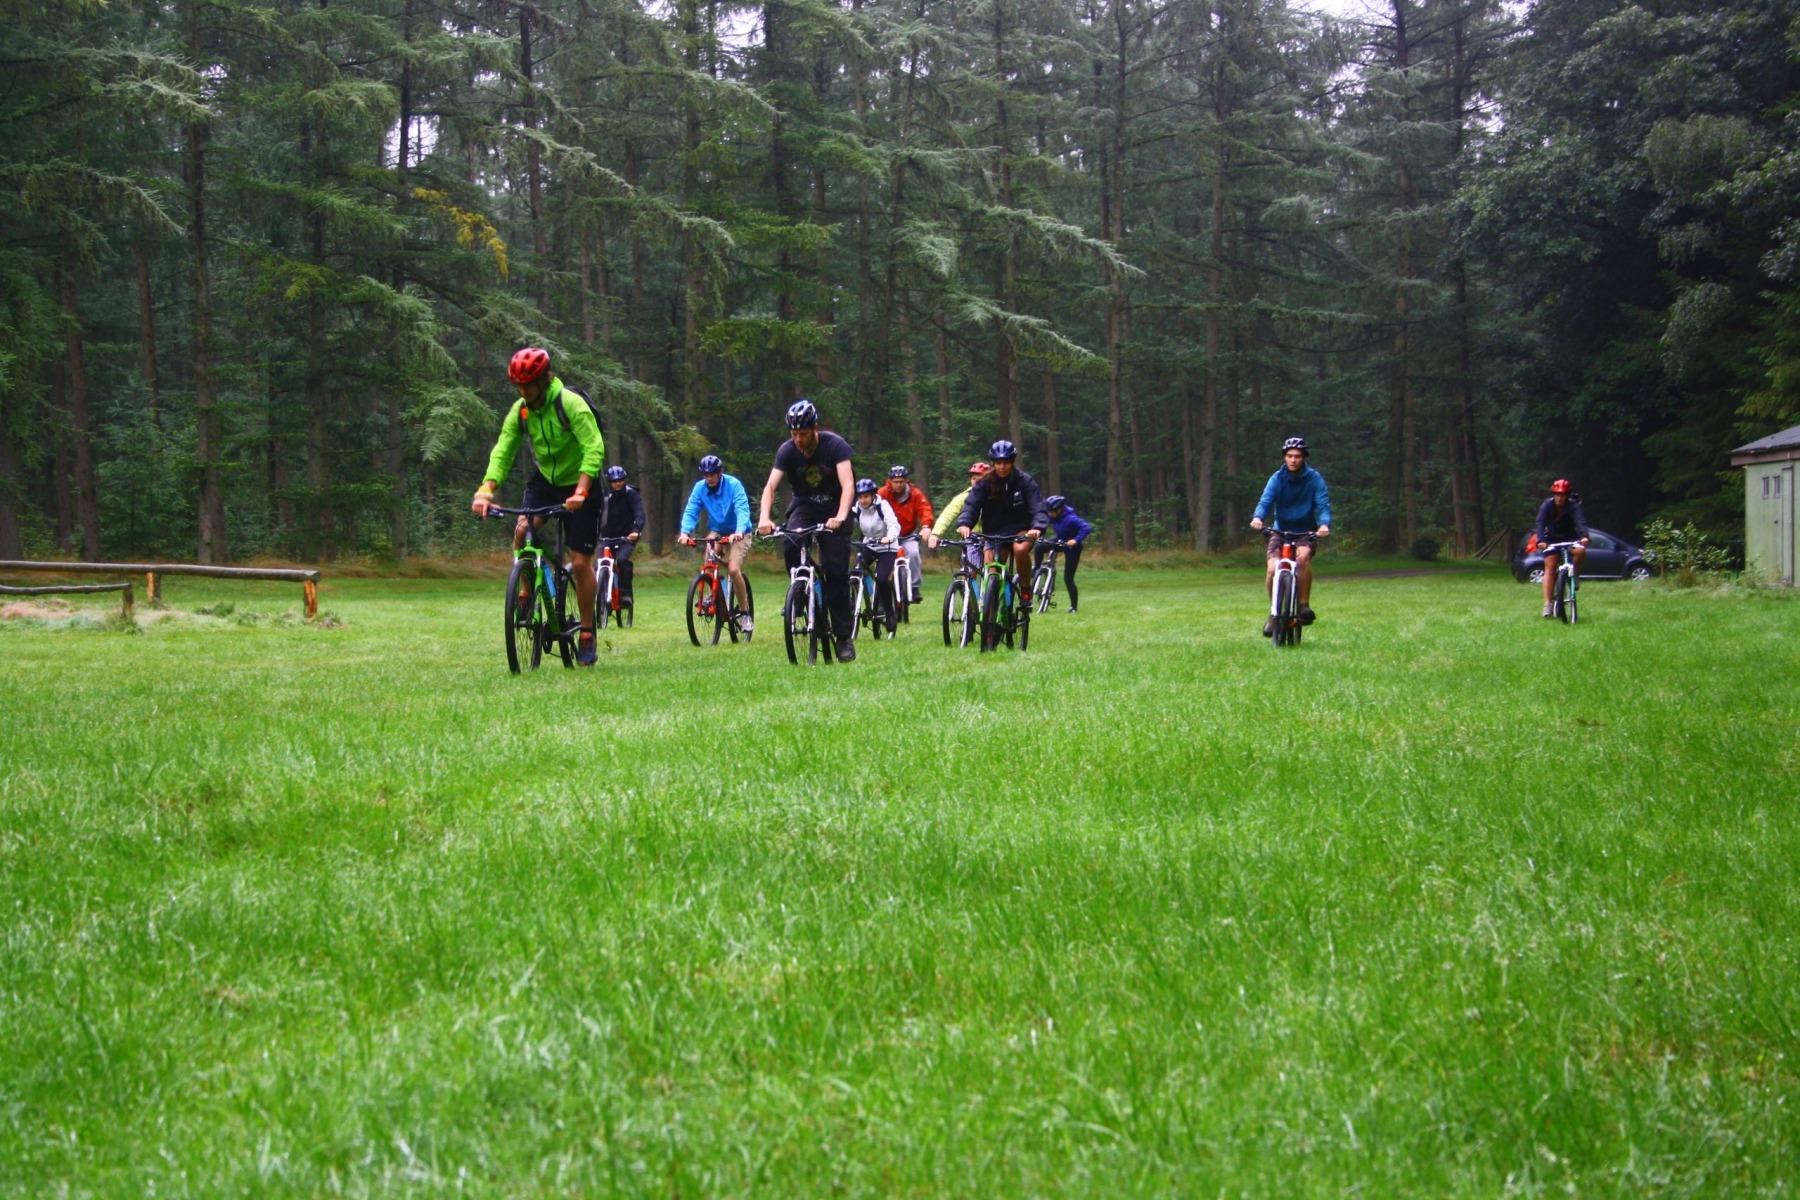 mountainbike-fietsen-groep-min-scaled